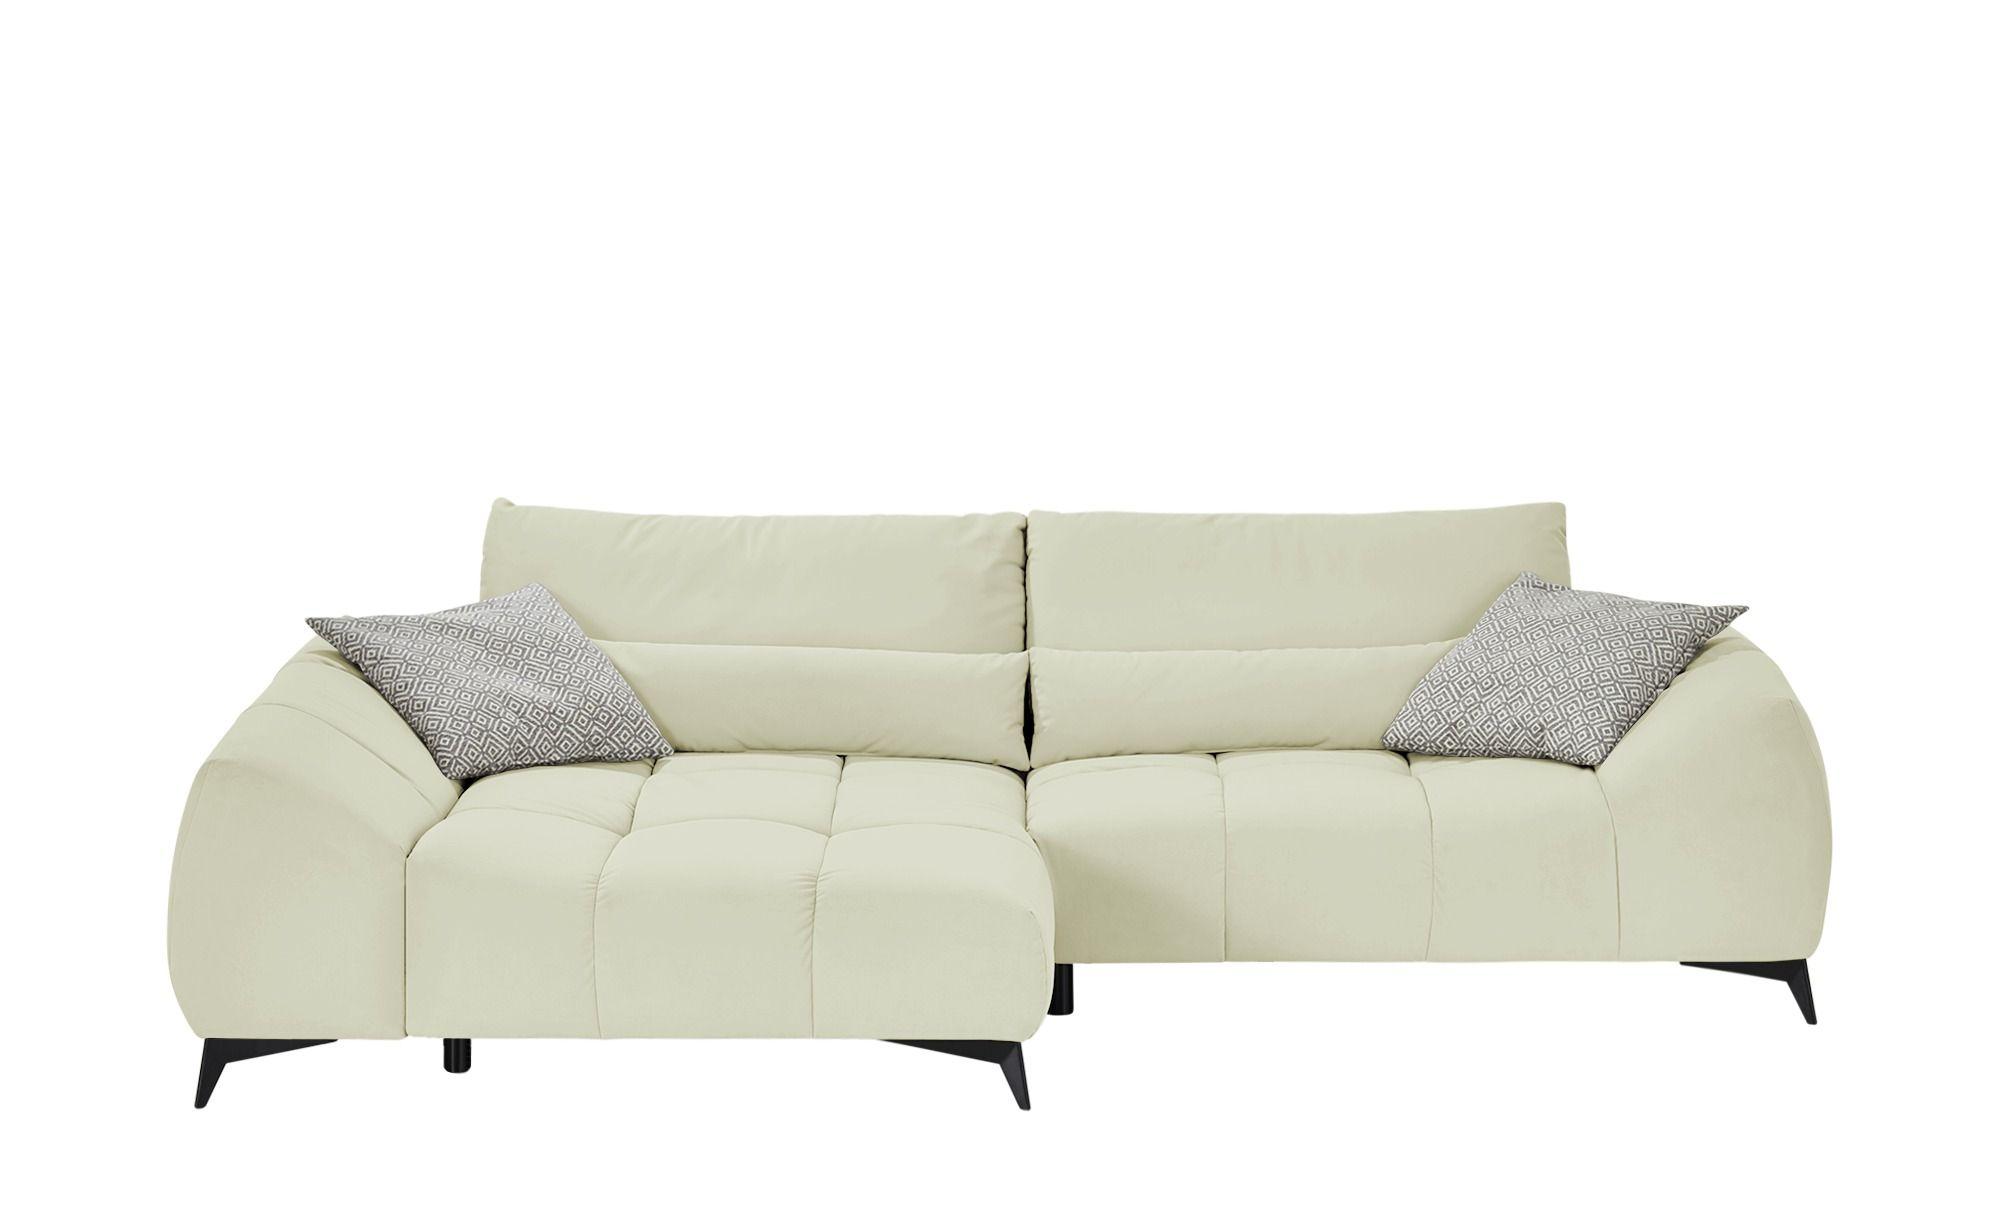 Bobb Ecksofa Dalia Sofa Decor Couch